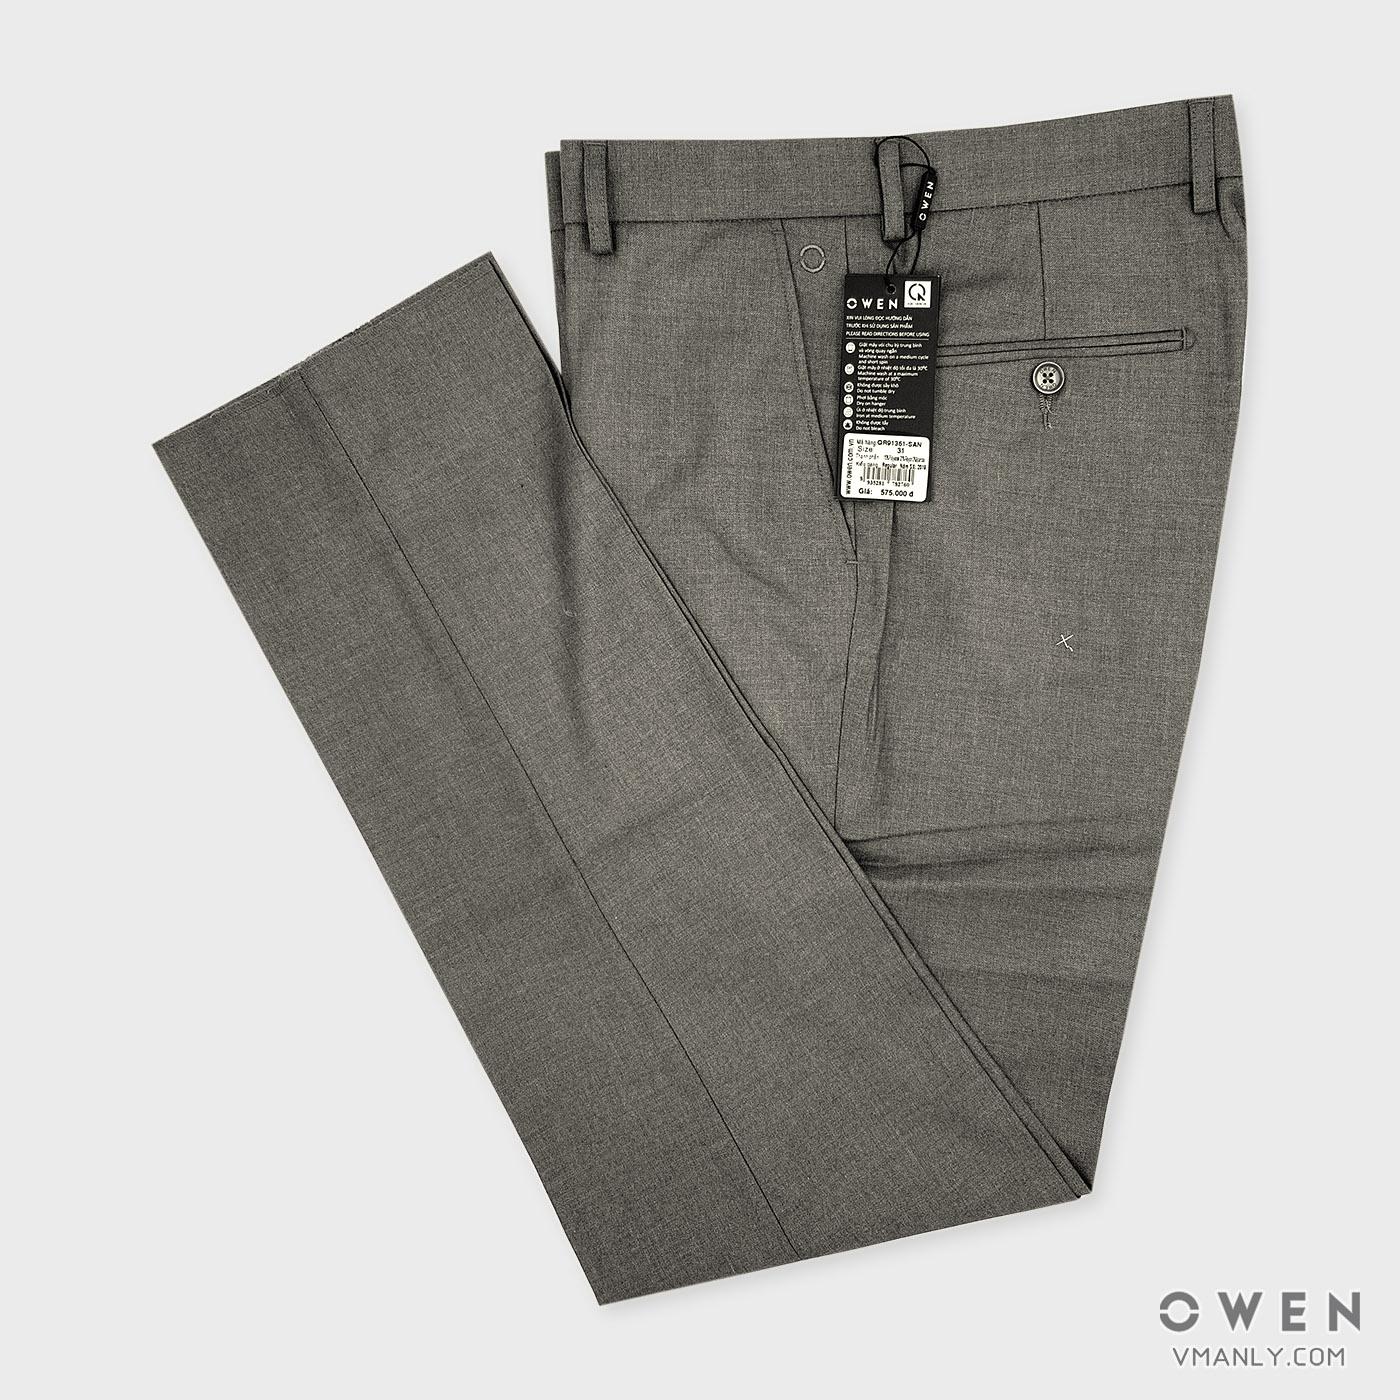 Quần tây Owen không li regular màu xám QR91361